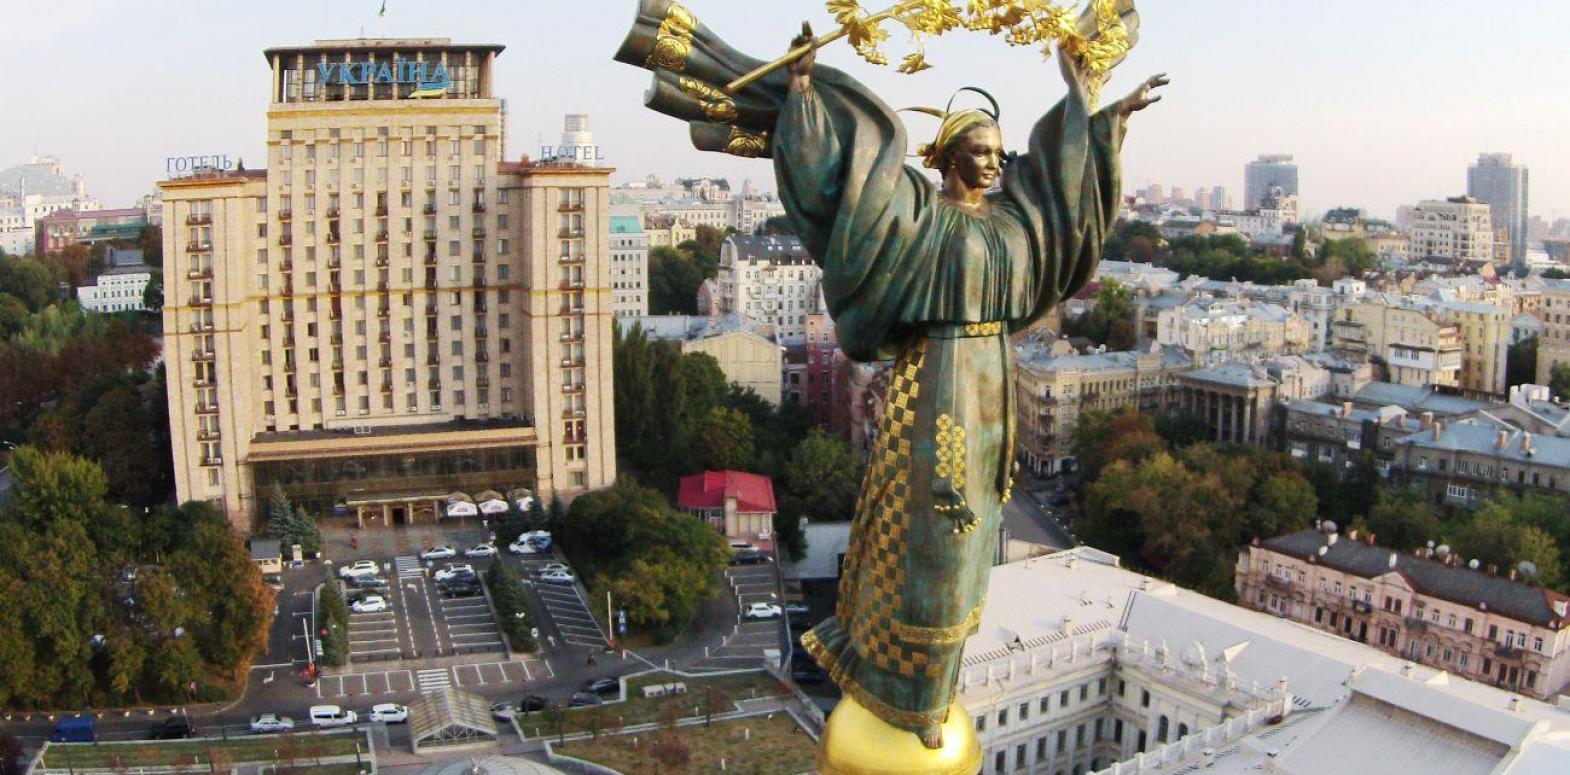 На празднование 30-летия независимости Украины планируют потратить 5,4 млрд гривен